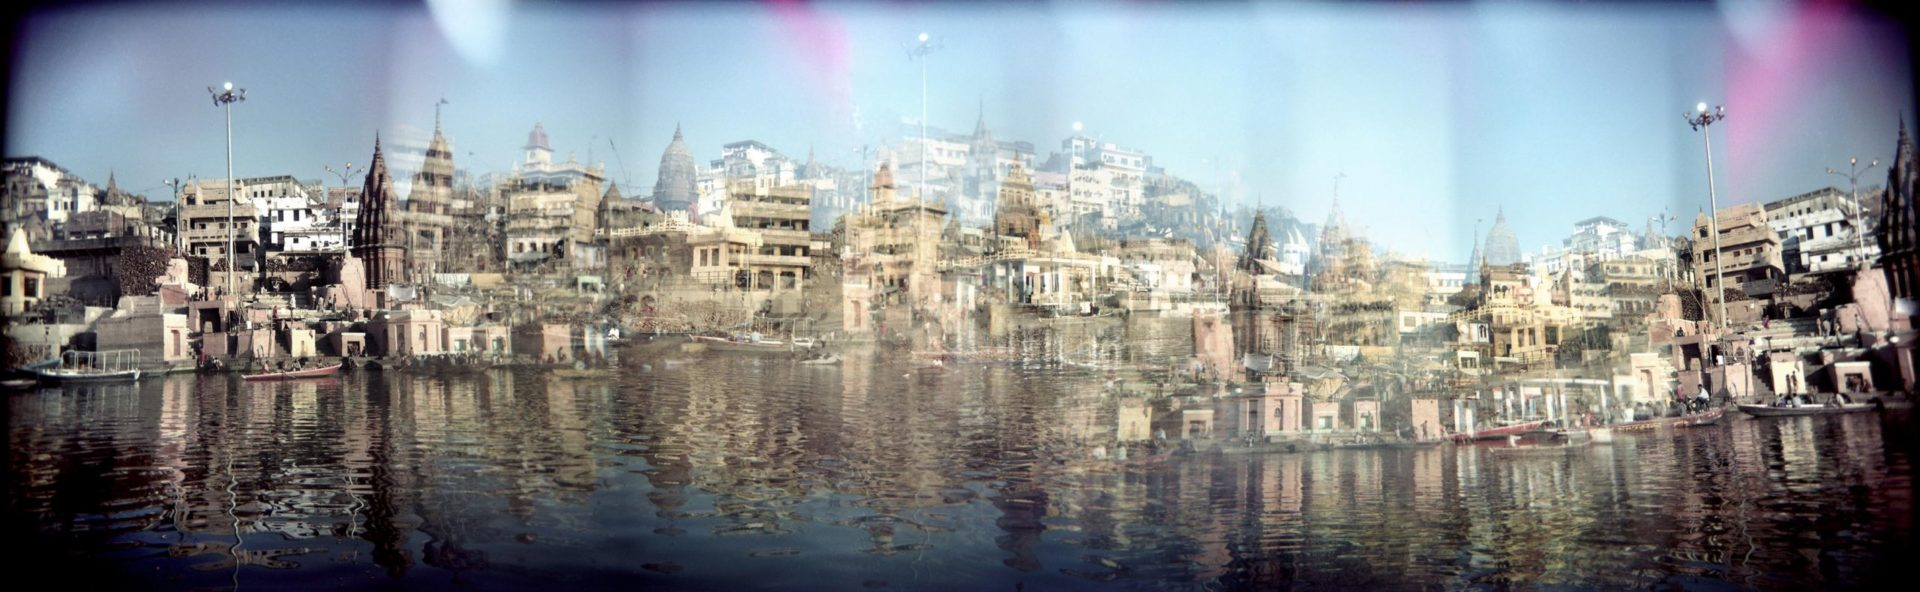 Benares mese di scaled - Milano Photofestival